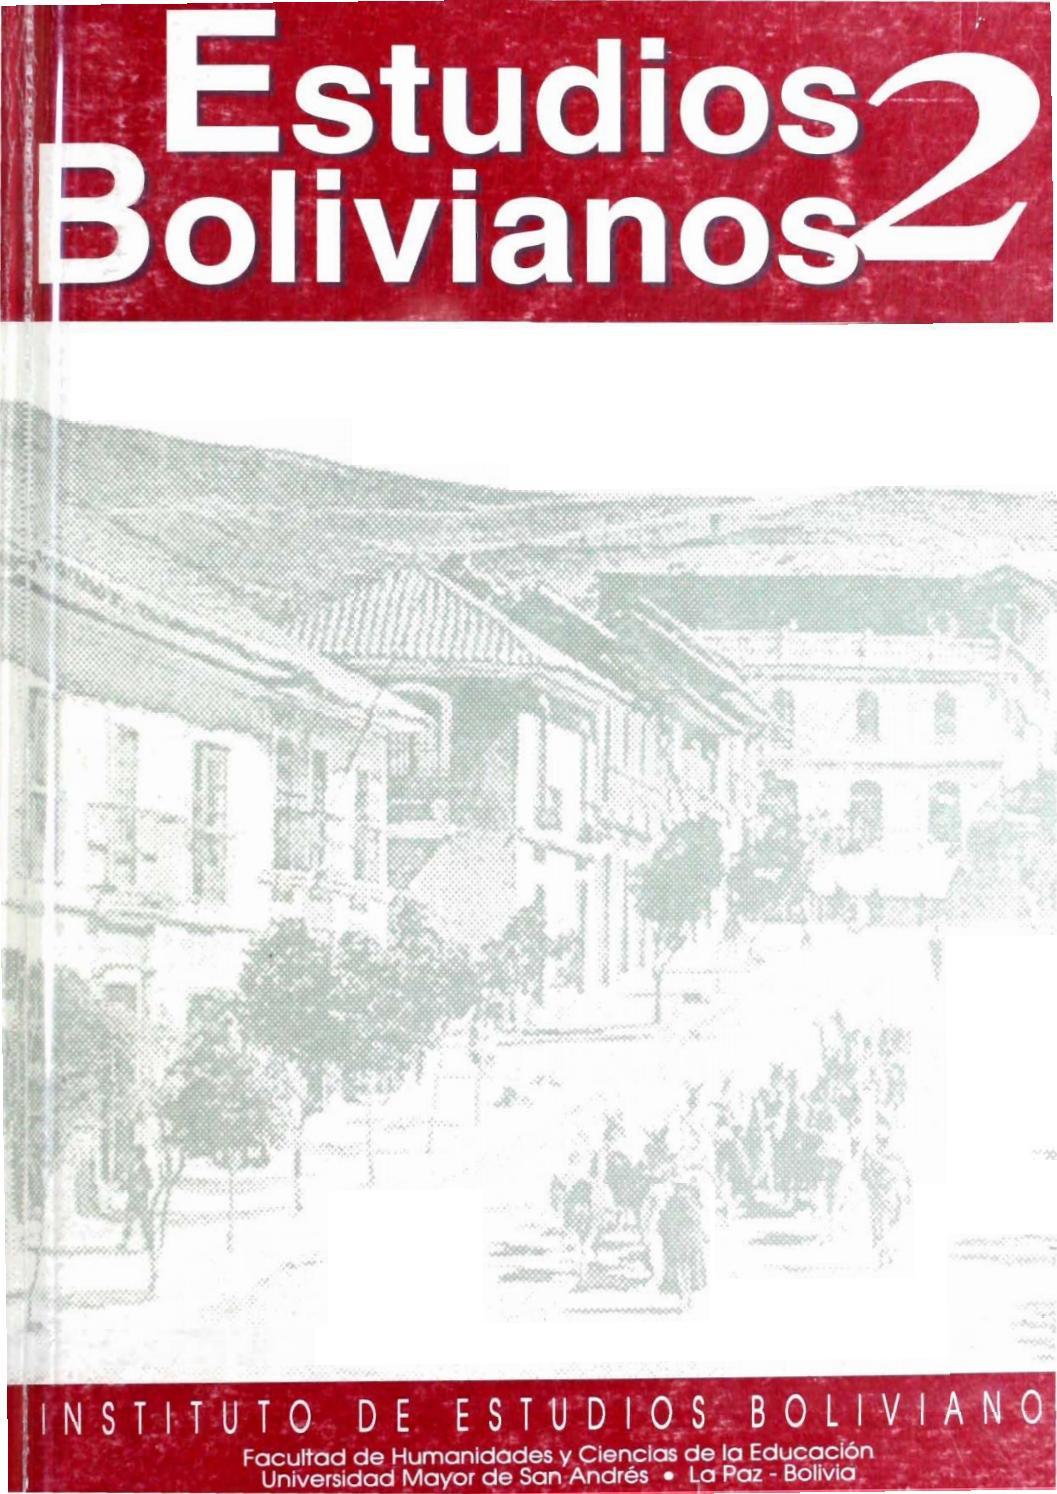 Estudiosbolivianos002 by Postgrado Humanidades UMSA - issuu